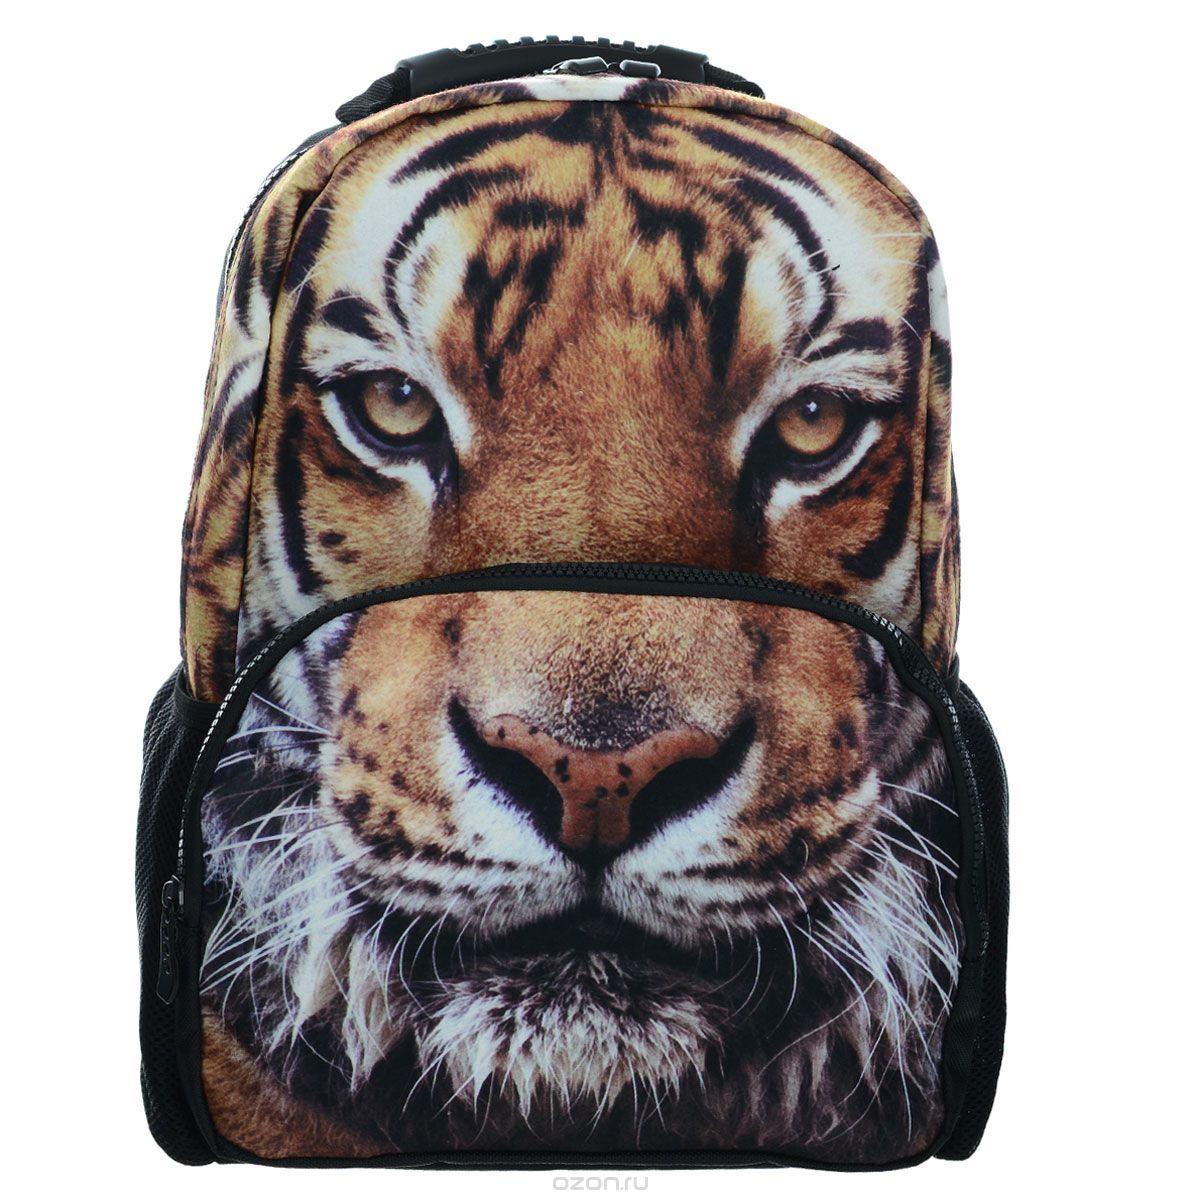 Рюкзак школьный Trend Line Tigers, цвет: черныйPRCB-UT4-4018Стильный школьный рюкзак Trend Line выполнен из полиэстера, дополнен вставкой из флиса, которая оформлена художественной печатью с изображением Tigers. Рюкзак имеет одно основное отделение, закрывающееся на застежку-молнию. Снаружи, на лицевой стороне, рюкзака размещен накладной карман на молнии, внутри которого предусмотрен еще один накладной карман на липучке. С двух сторон изделия расположены два накладных сетчатых кармашка. В верхней части изделия предусмотрена эргономичная ручка для переноски, а также предусмотрены регулируемые лямки. Такой рюкзак станет незаменимым спутником вашего ребенка в походах за знаниями.